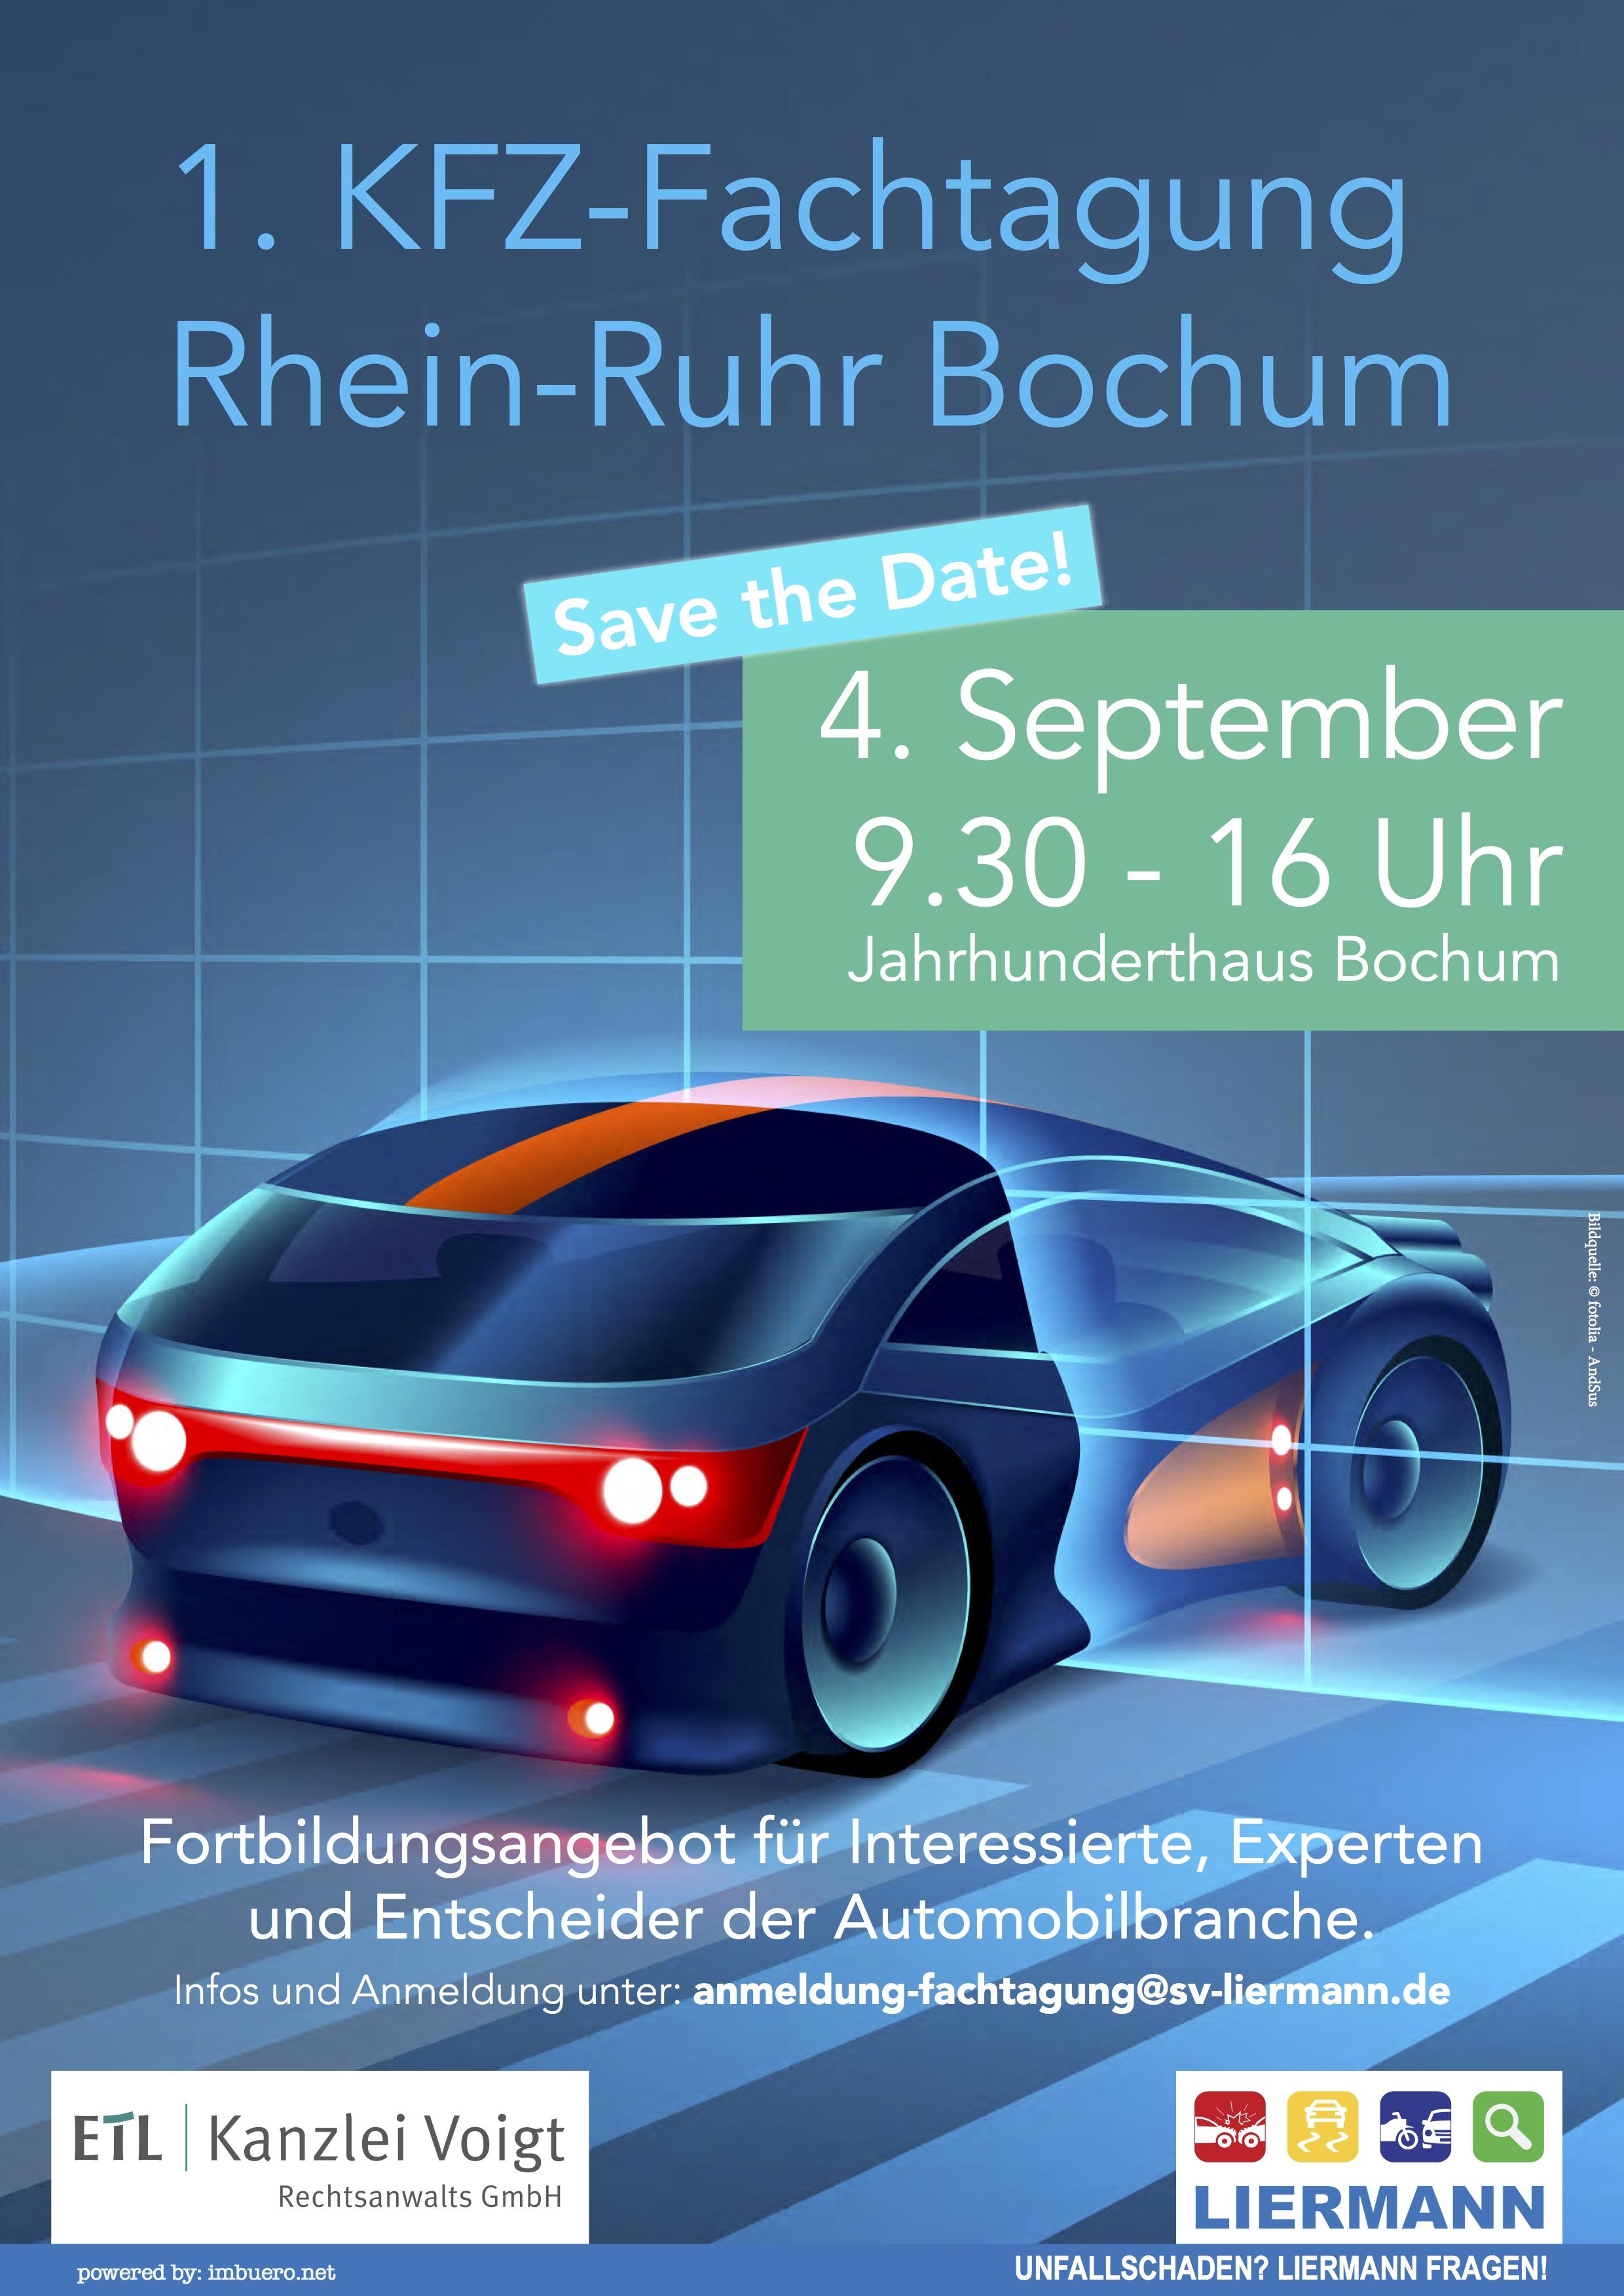 1. KFZ-Fachtagung Rhein-Ruhr 2018 - Save the Date